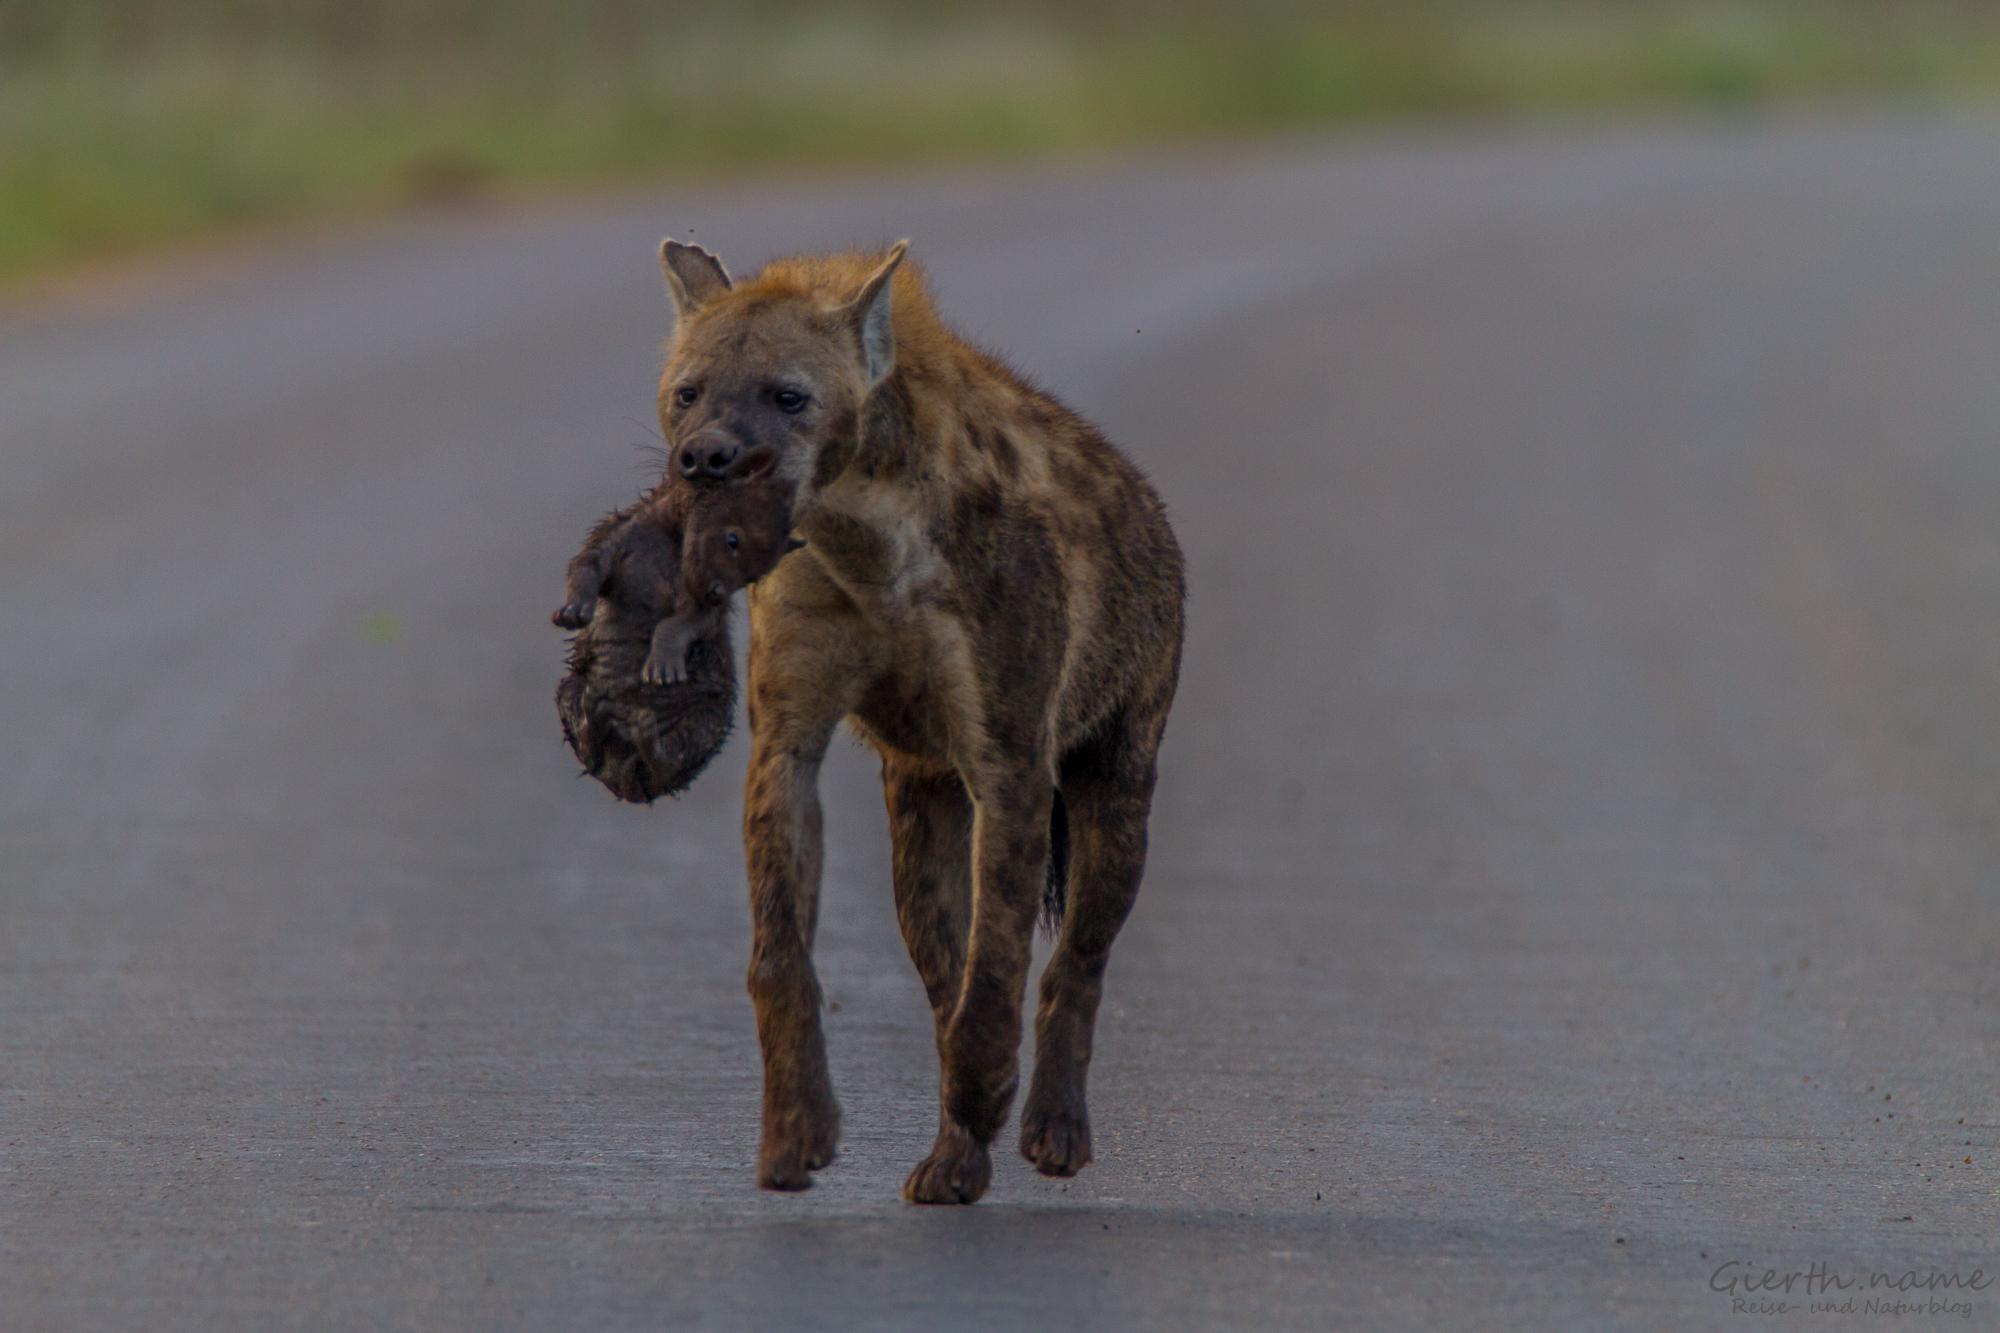 Hyänenmutti mit ihrem Jungen